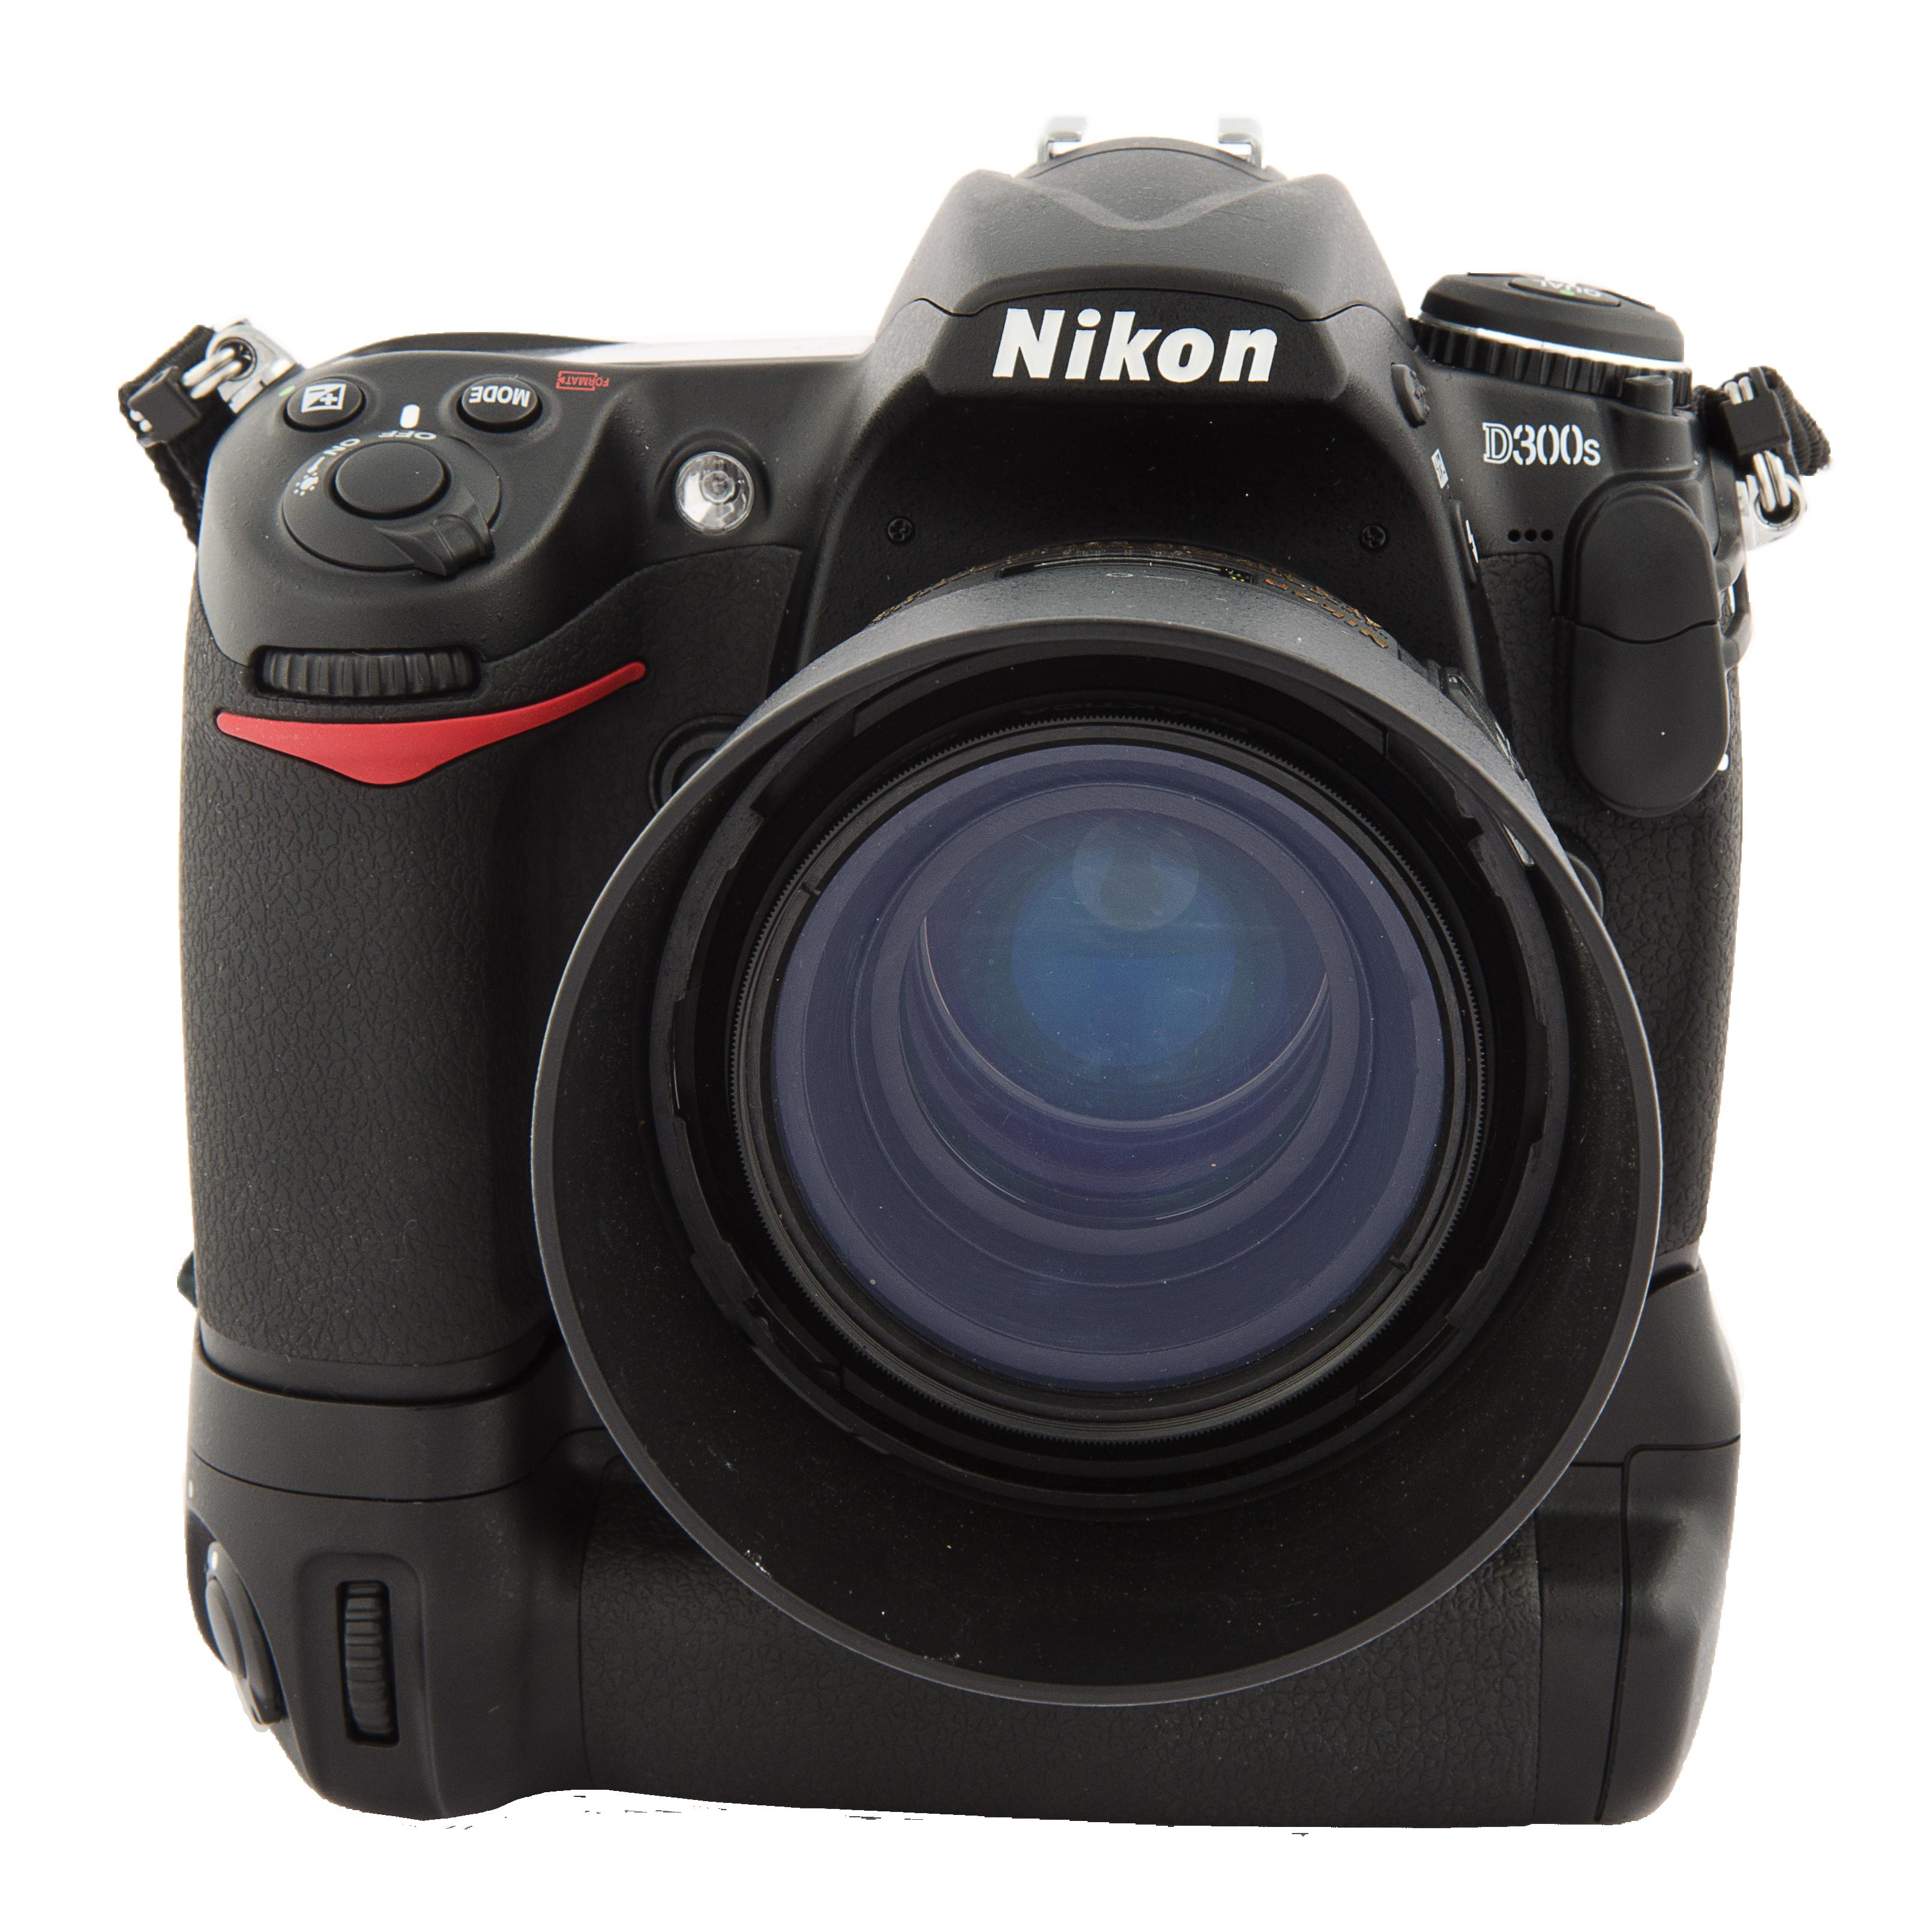 11-09-04-nikon-d300s-by-RalfR-DSC 5378.png